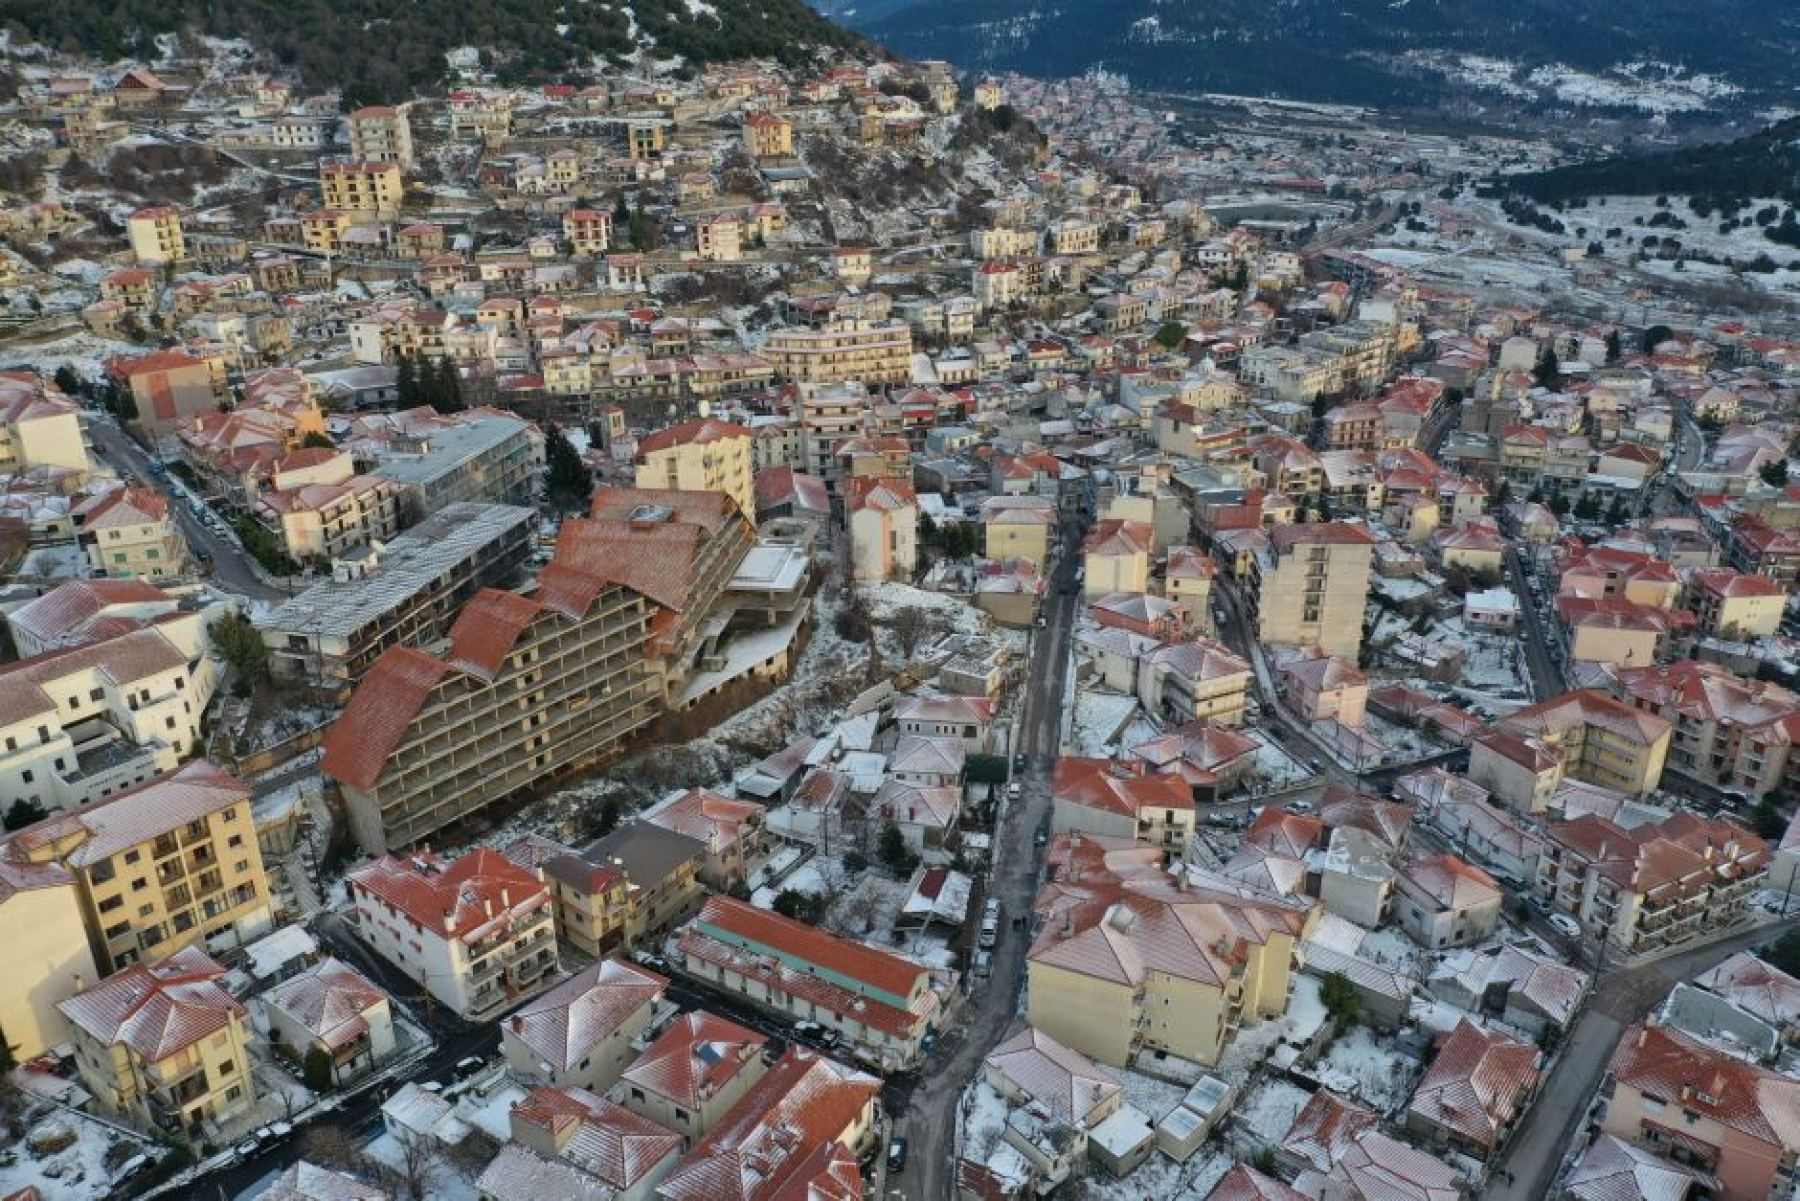 Καρπενήσι: Η πόλη που ανάβουν τζάκια τον Αύγουστο UP'ο ψηλά - ΒΙΝΤΕΟ